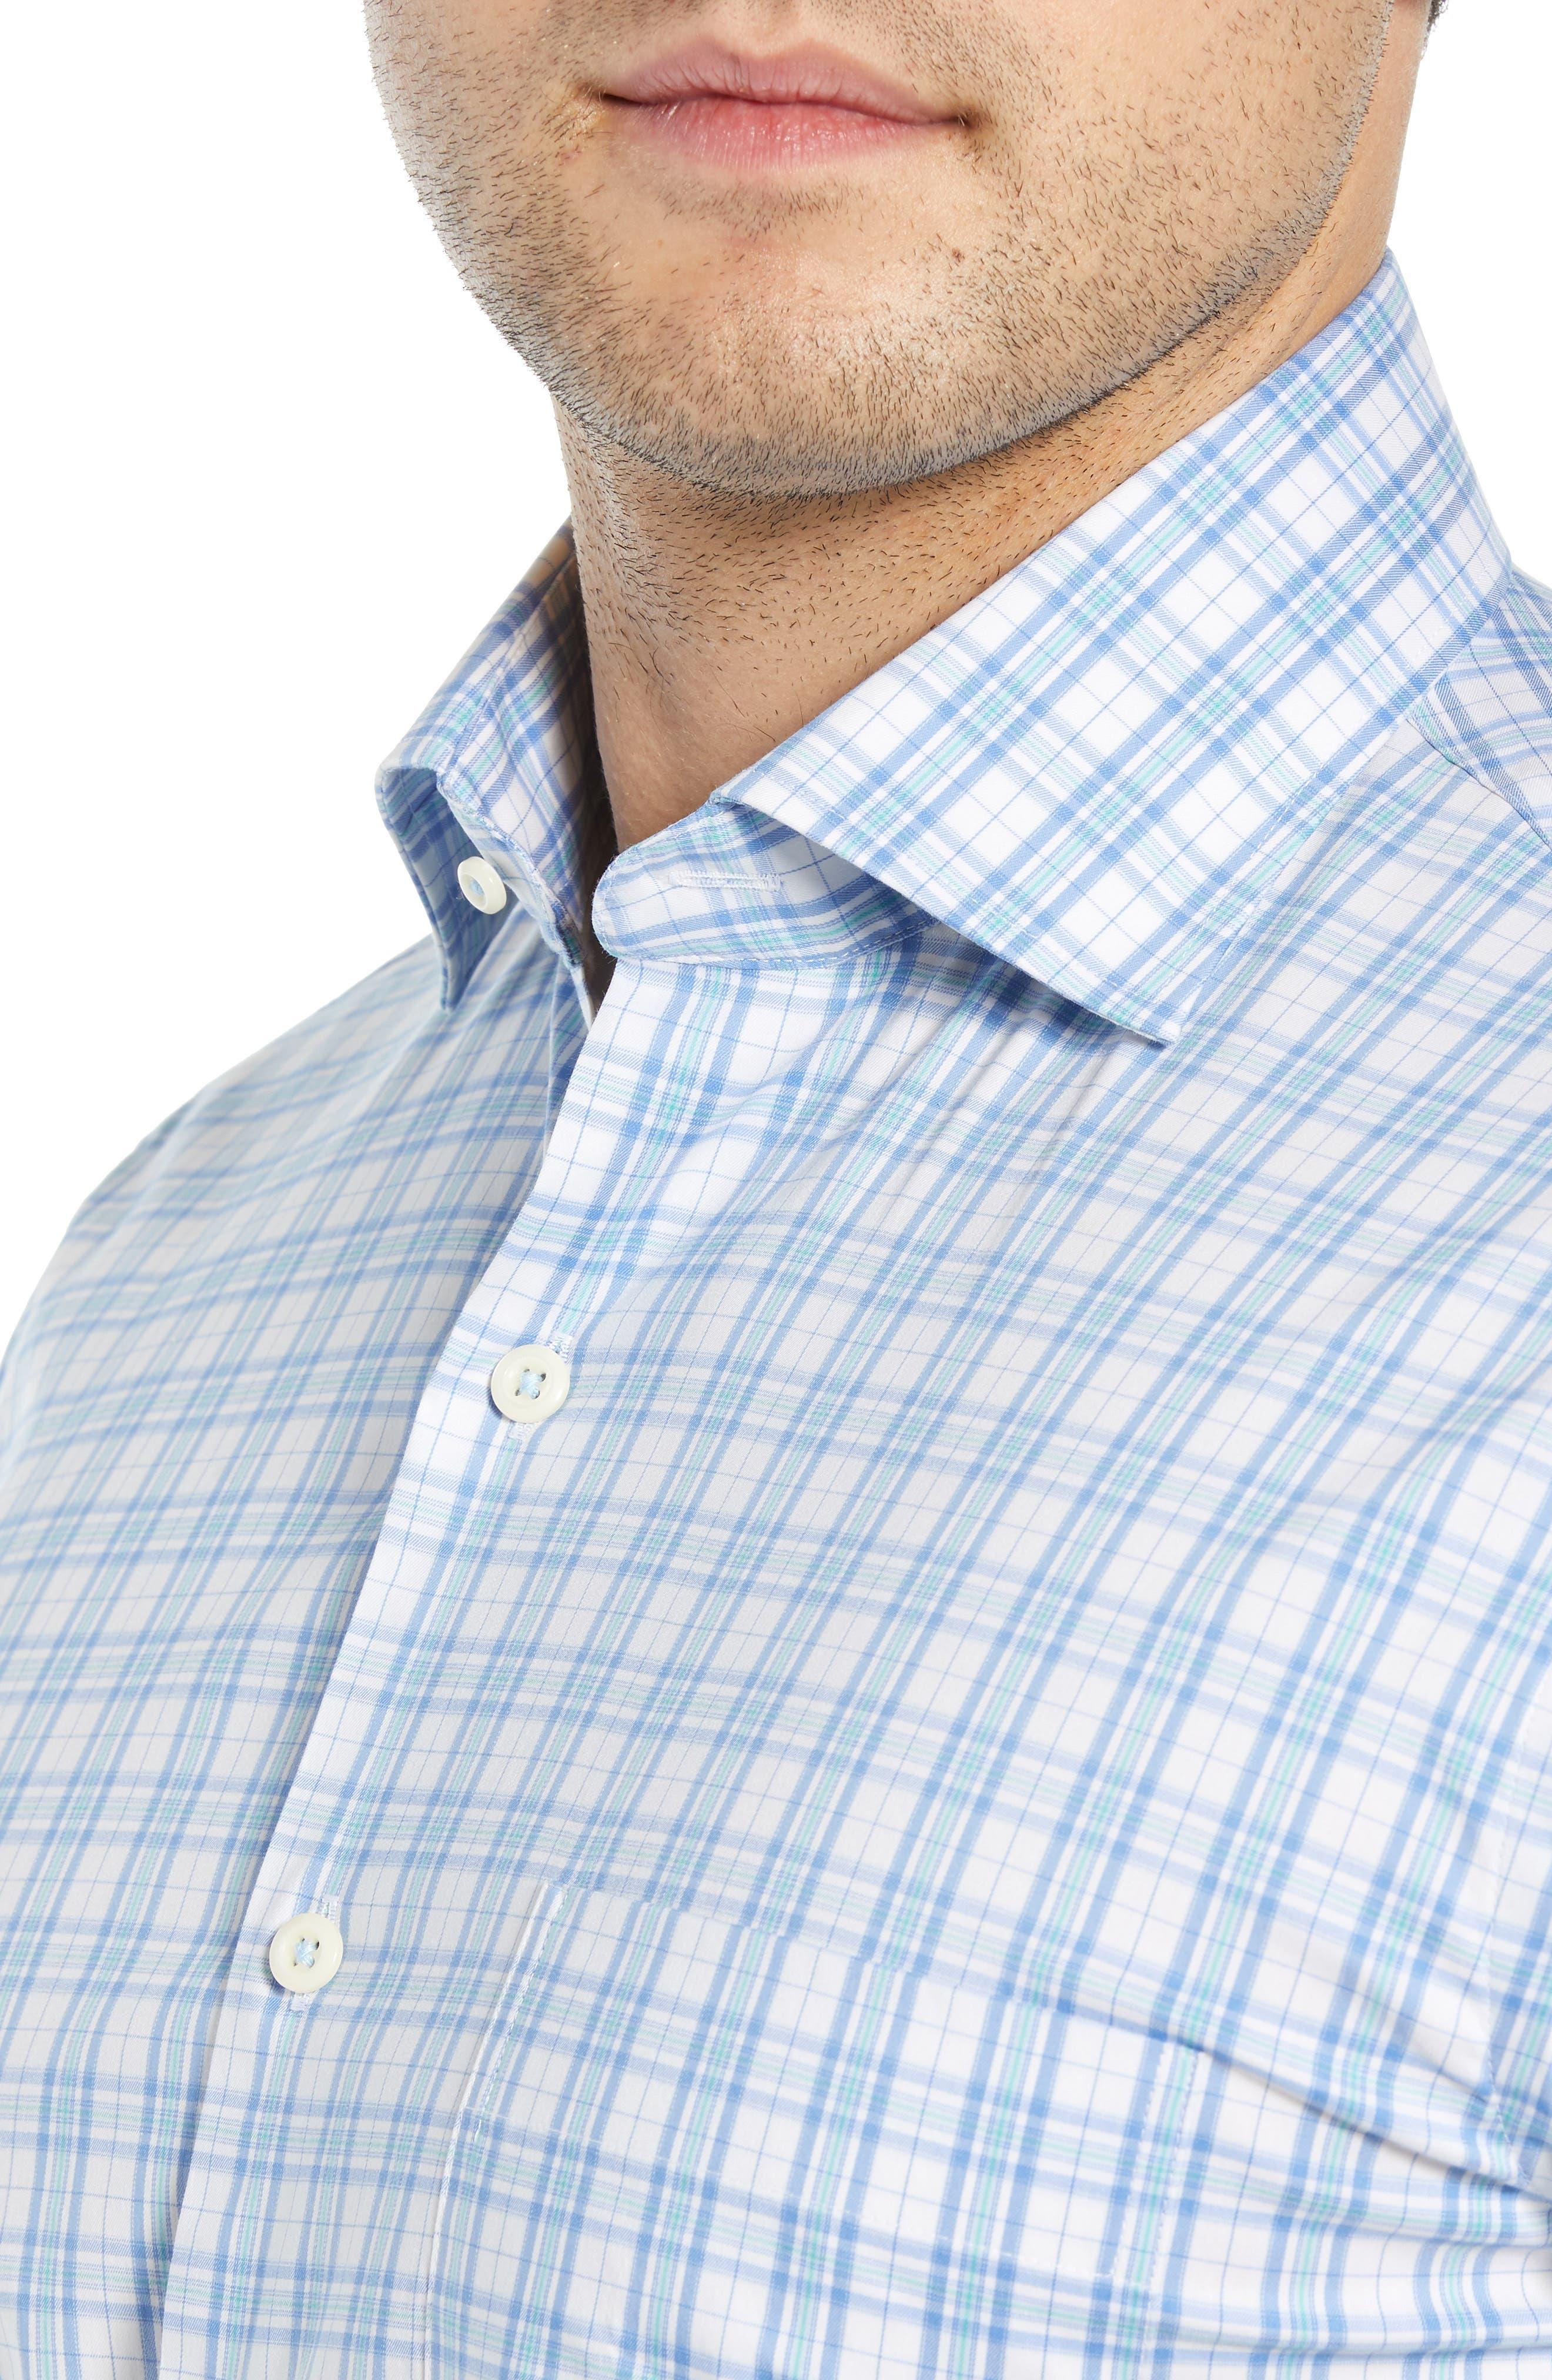 Portofino Tartan Performance Sport Shirt,                             Alternate thumbnail 2, color,                             VESSEL